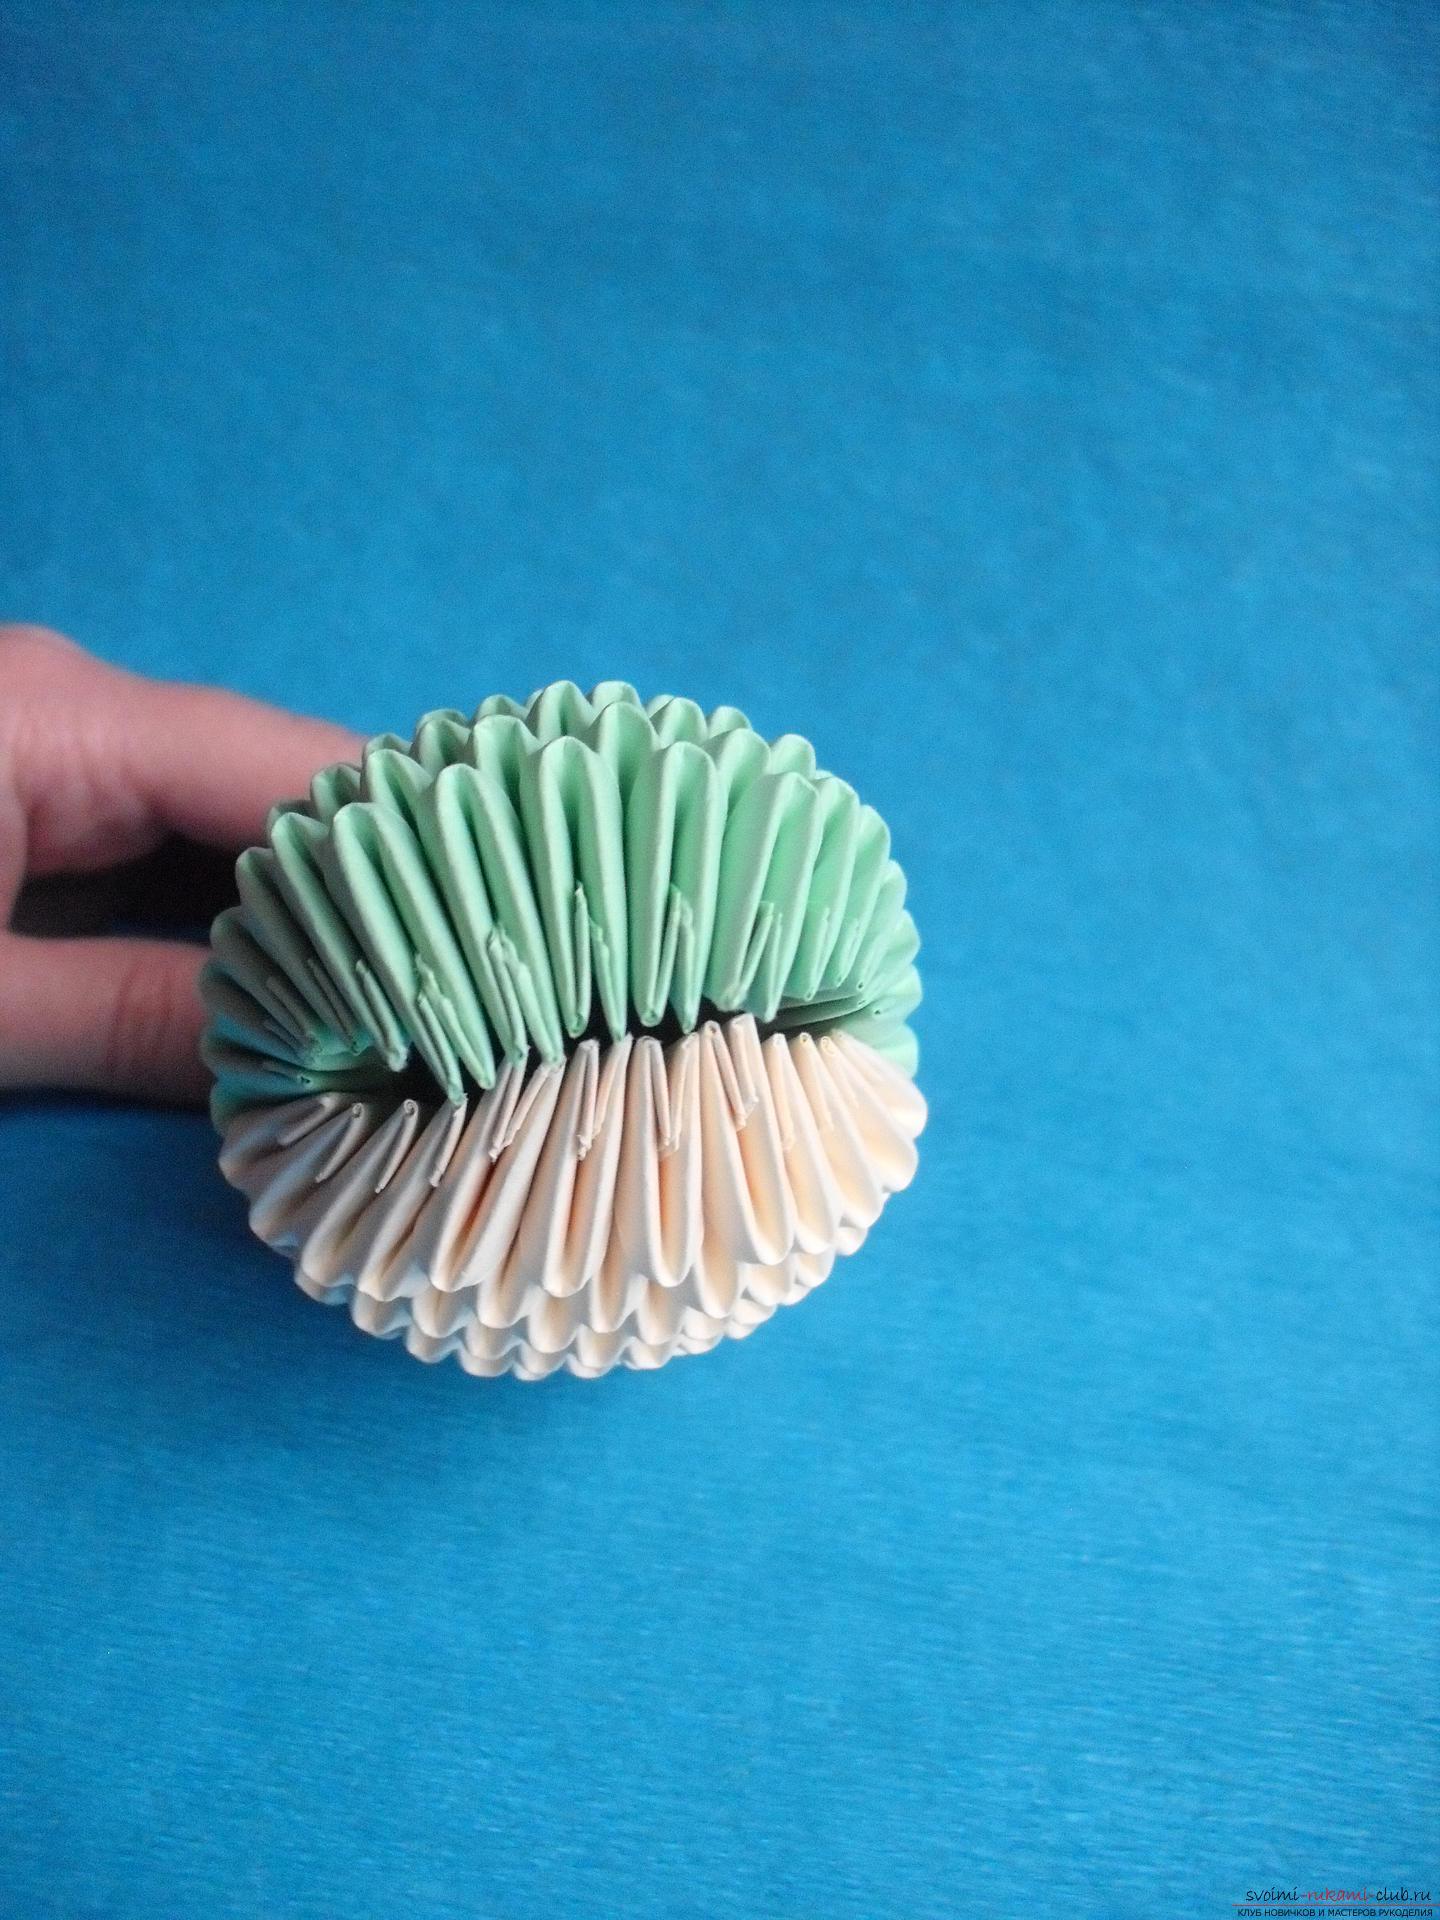 Этот мастер-класс расскажет как сделать поделку из модульных оригами - лягушку.. Фото №13